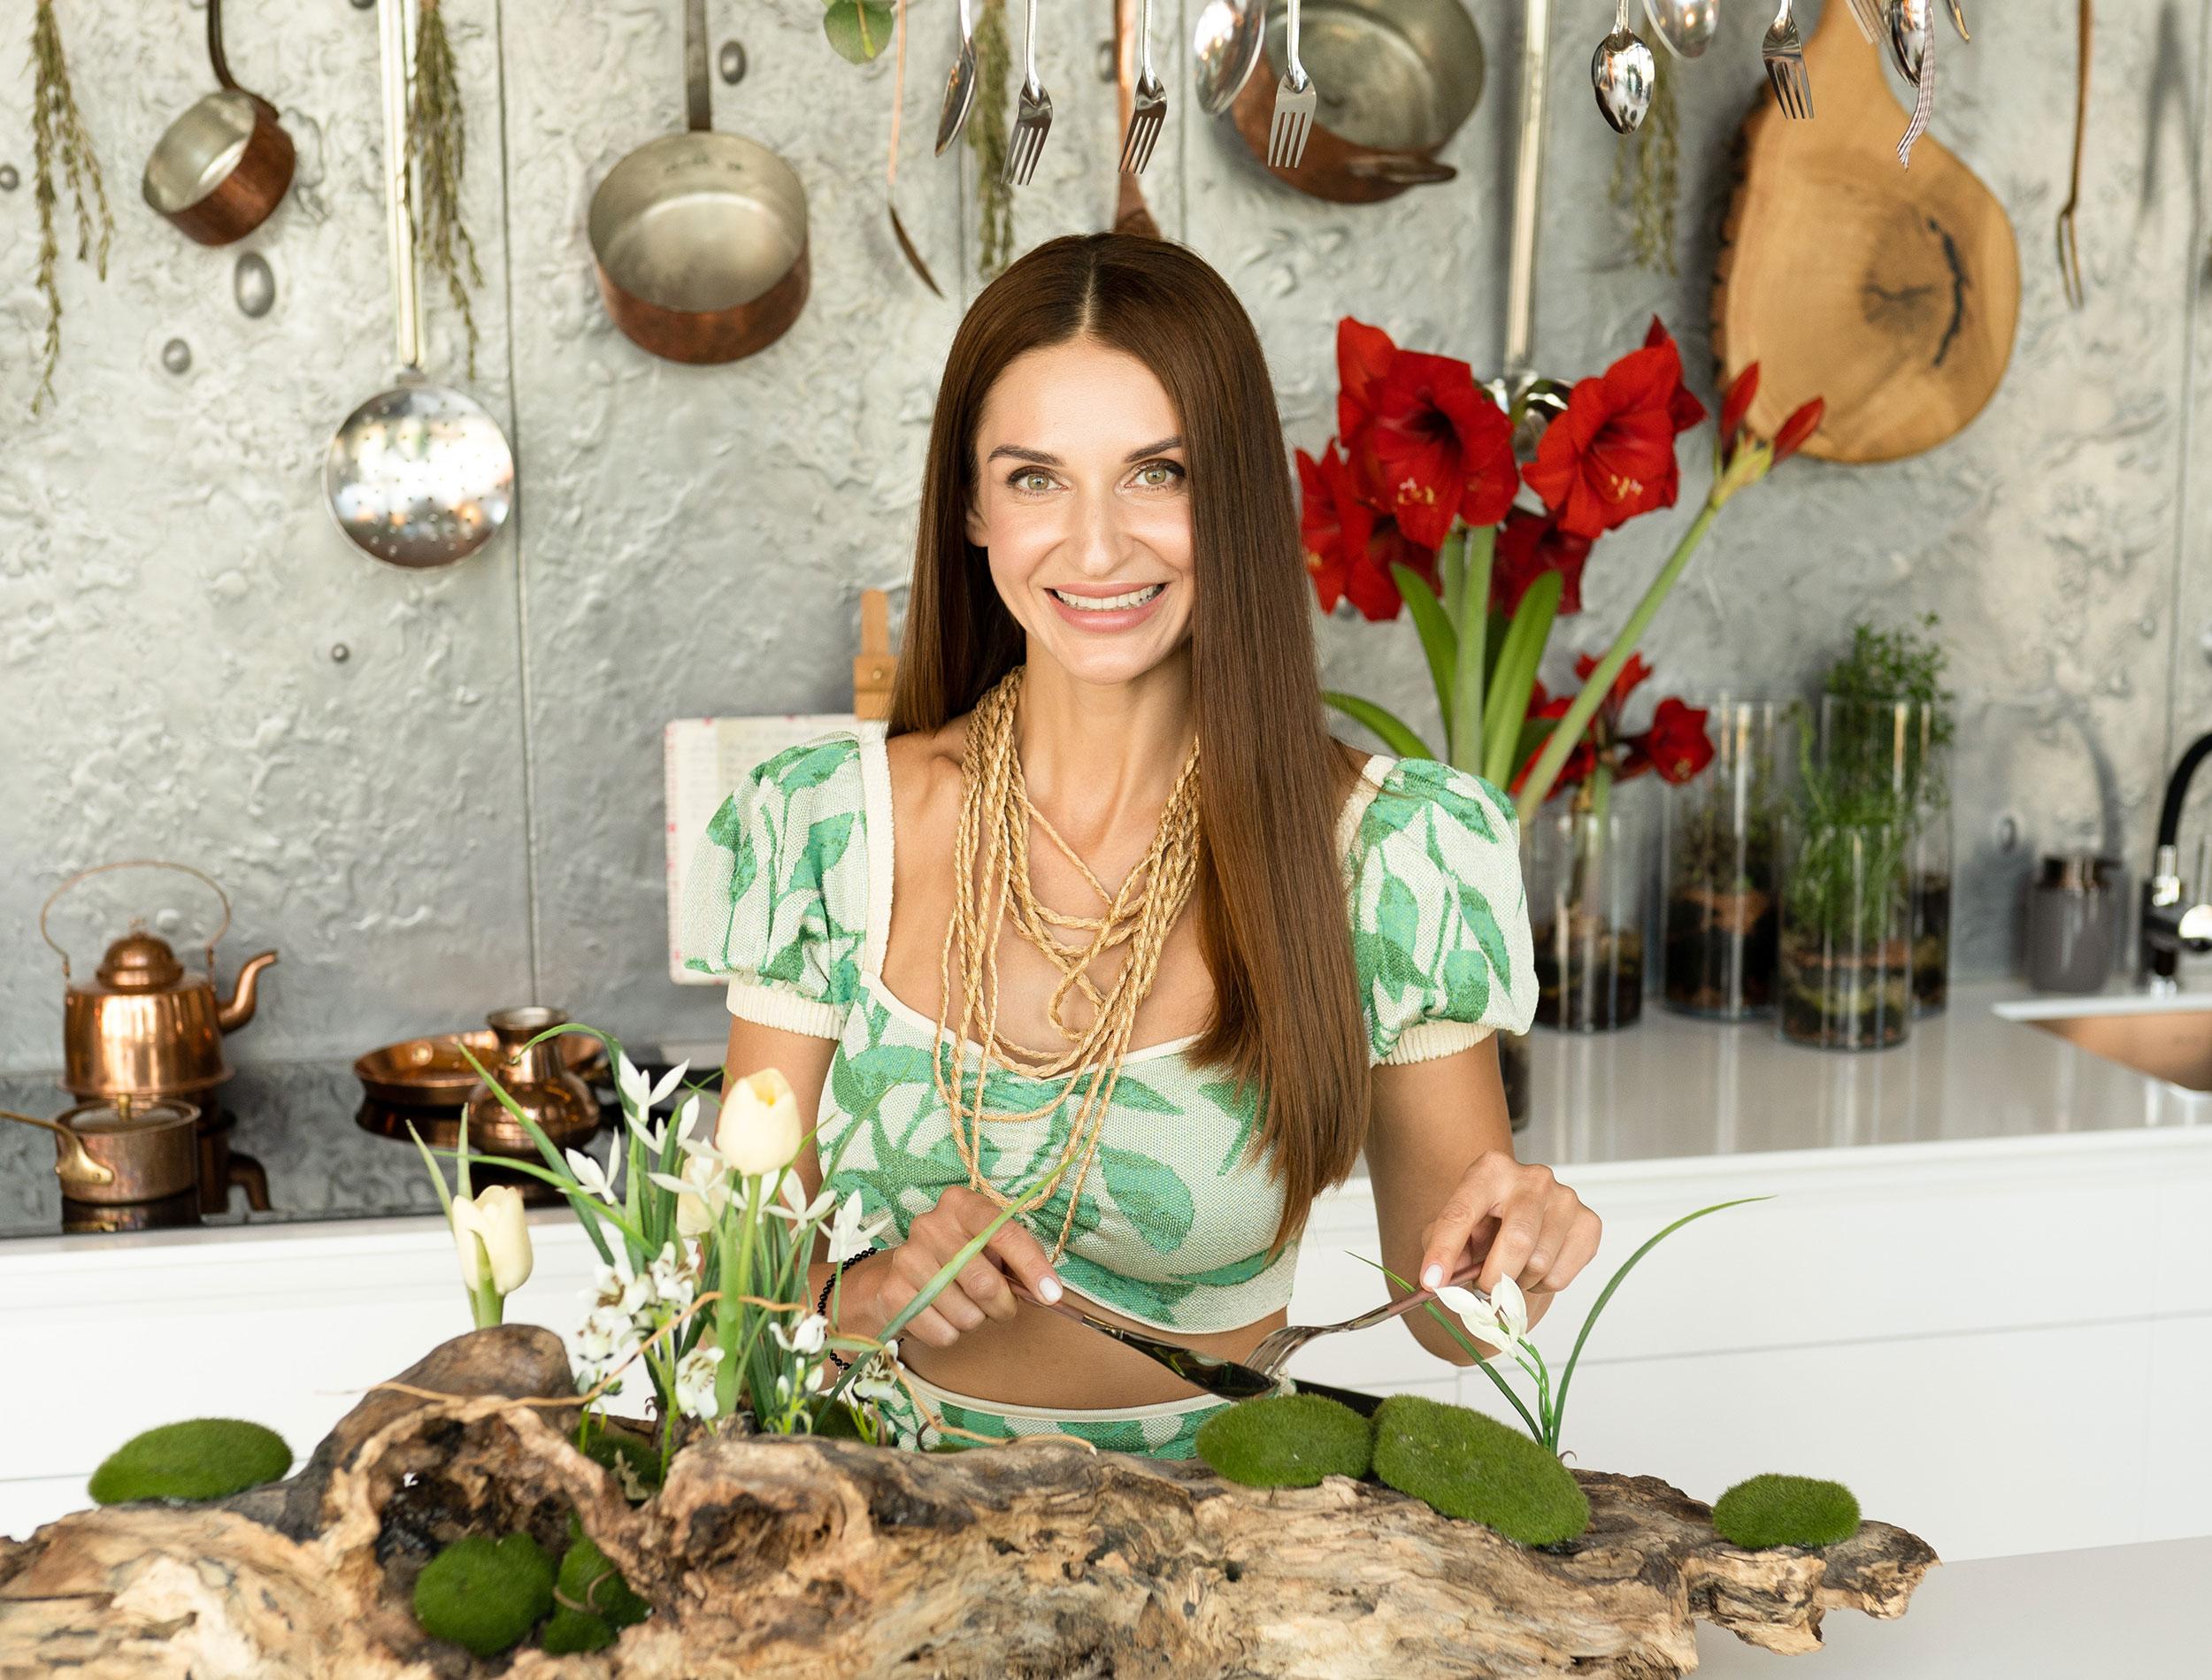 Оксана Соколова, нутріціолог, засновниця Health is Wealth